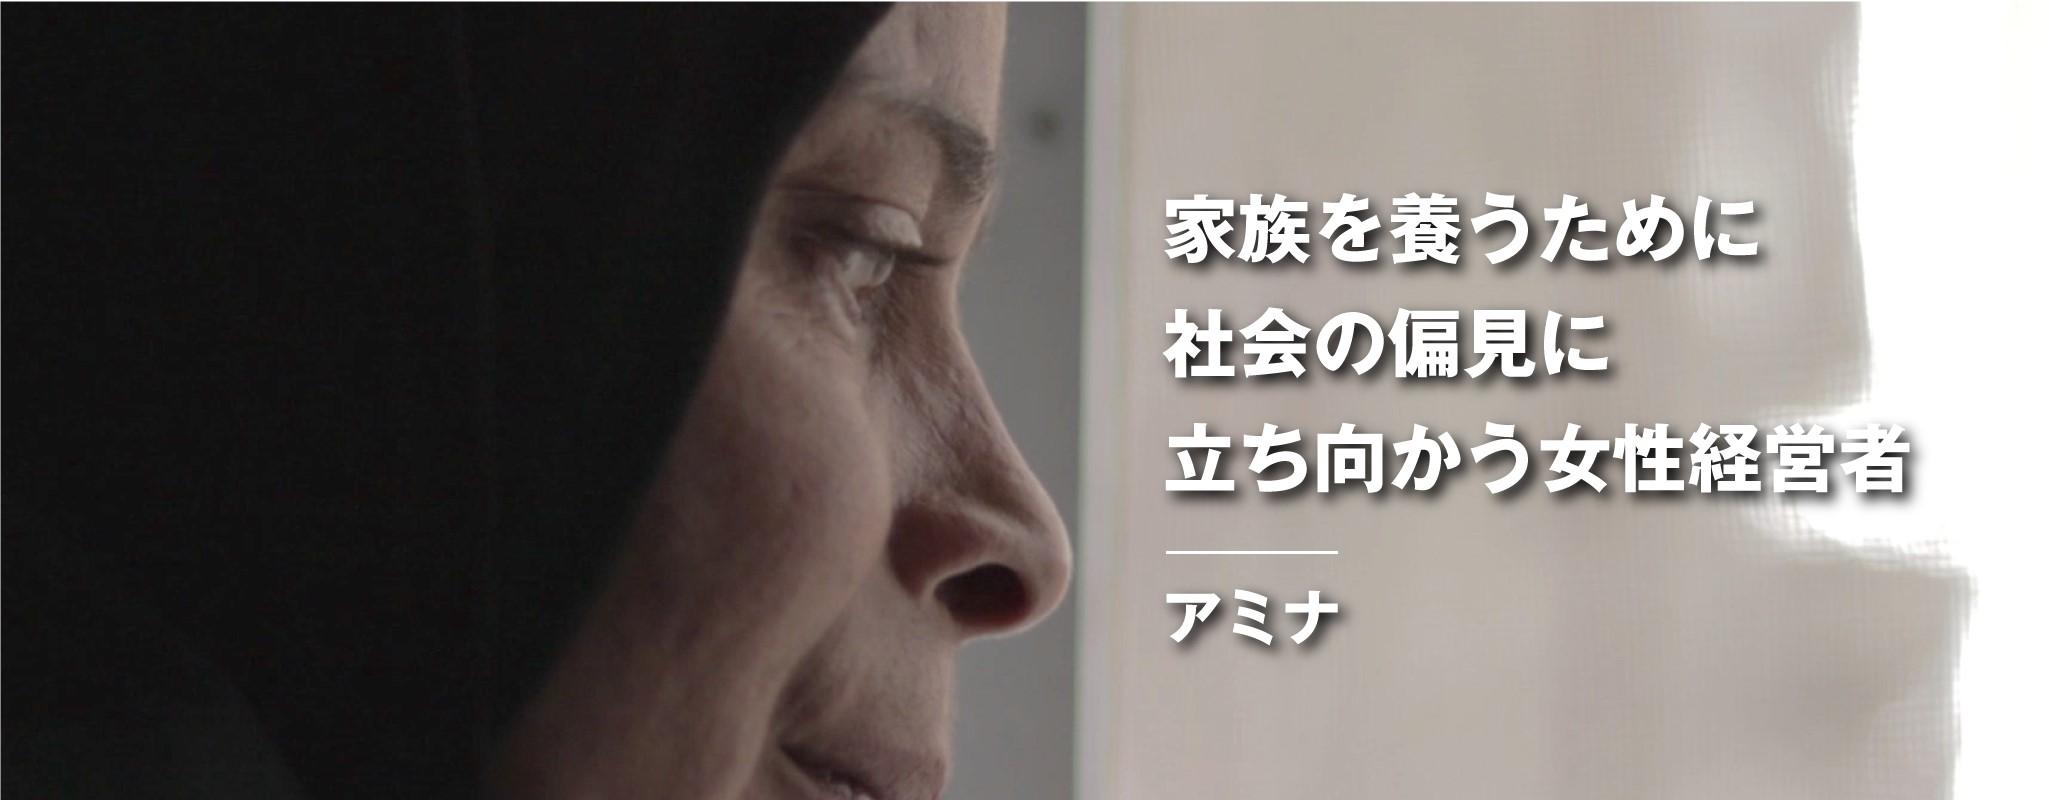 家族を養うために社会の偏見に立ち向かう女性経営者、アミナ